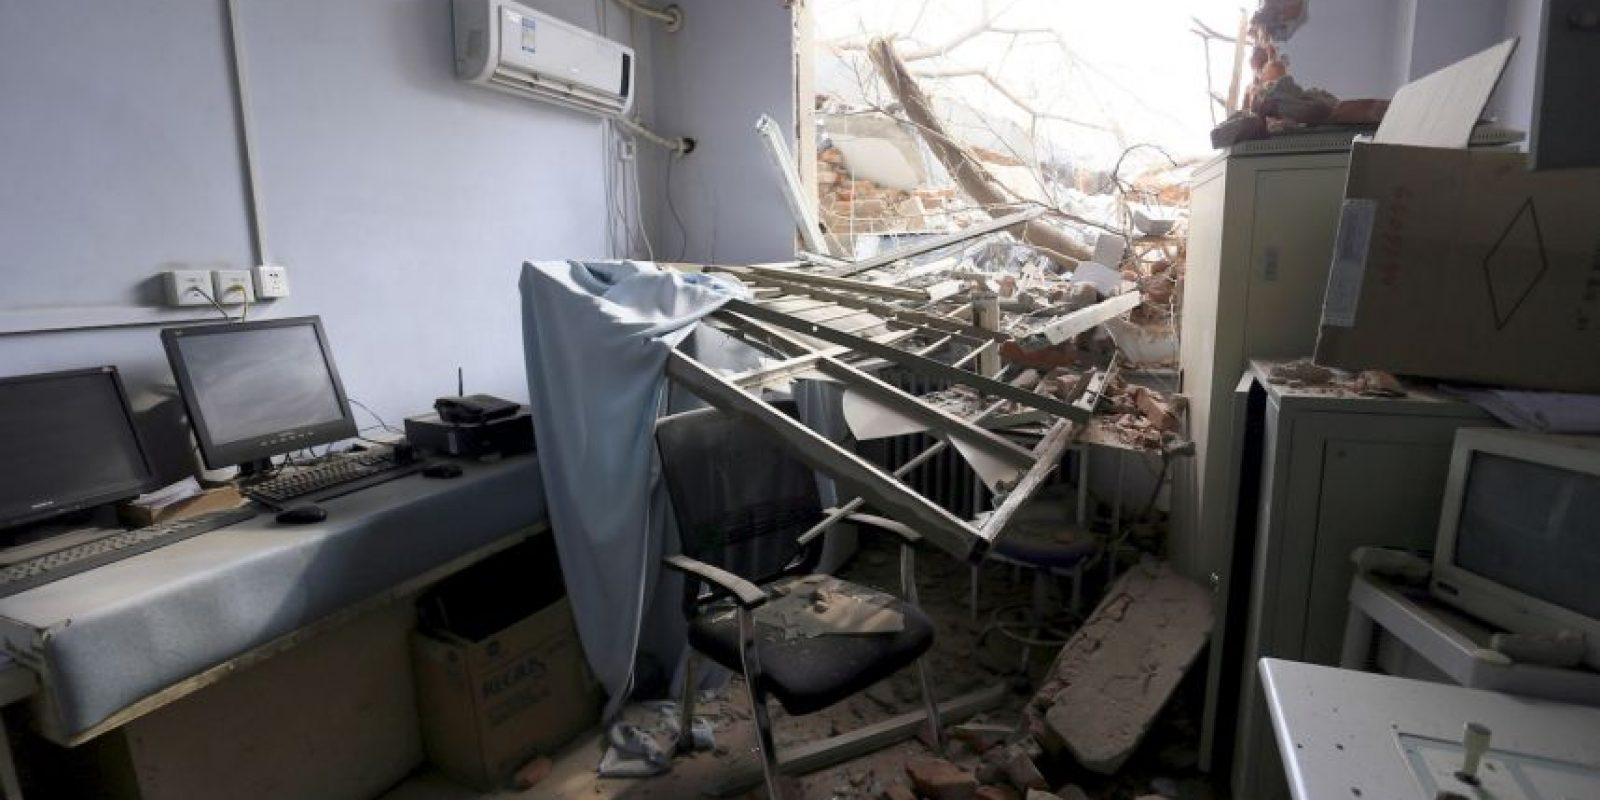 En el interior no había ninguna persona. Foto:AP. Imagen Por: